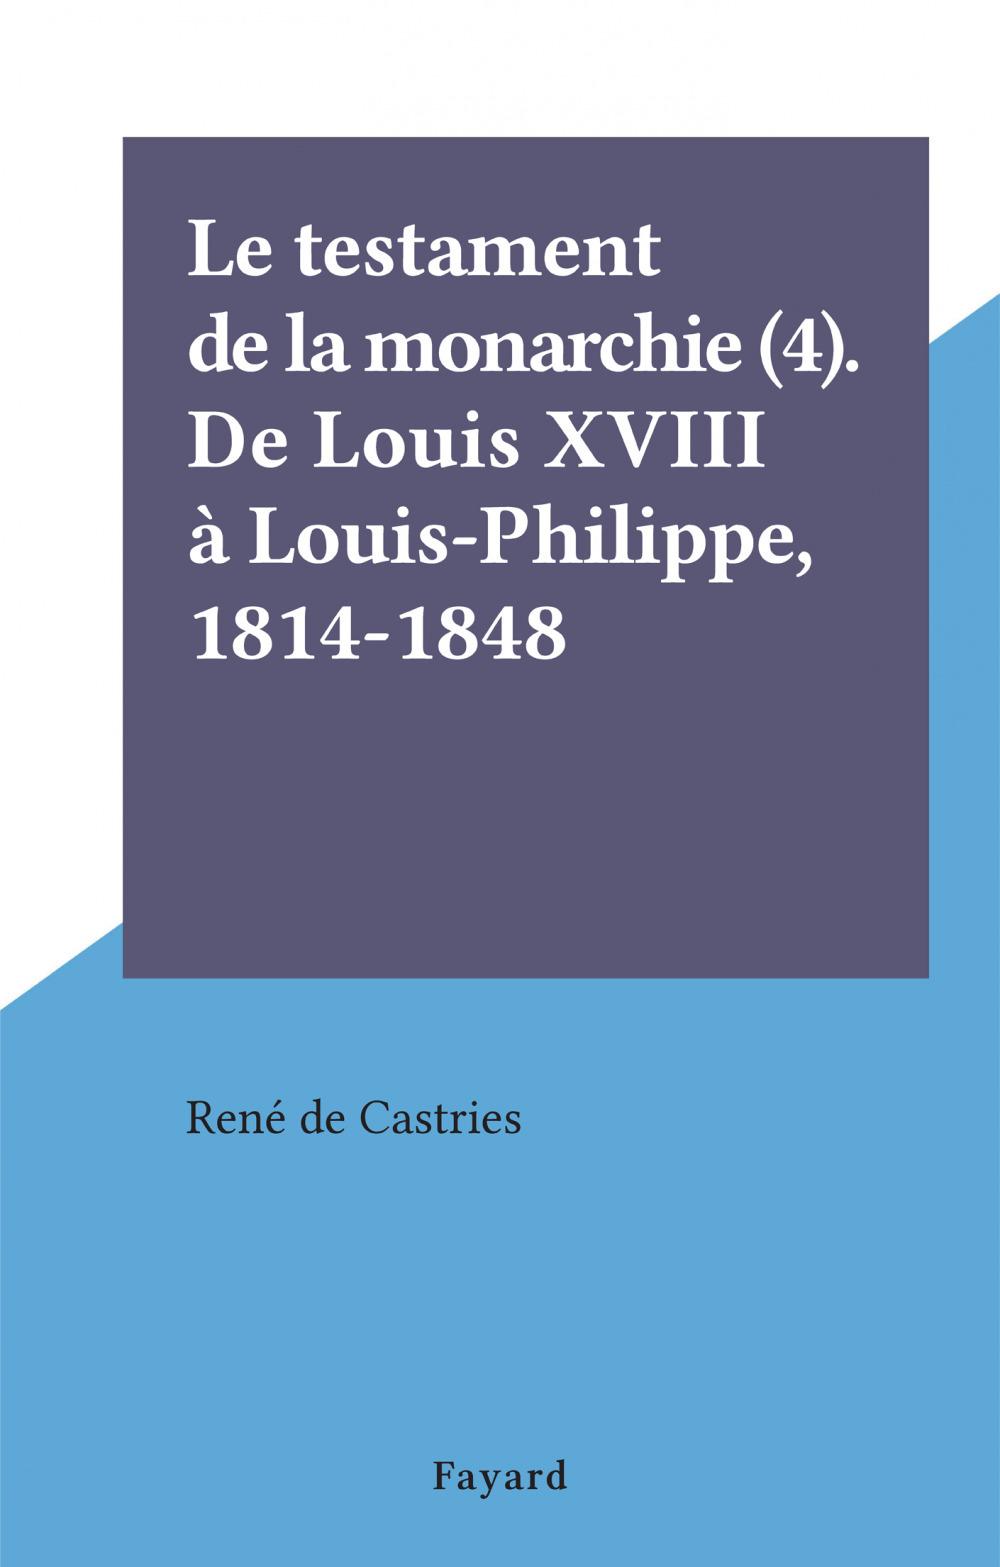 Le testament de la monarchie (4). De Louis XVIII à Louis-Philippe, 1814-1848  - René de Castries